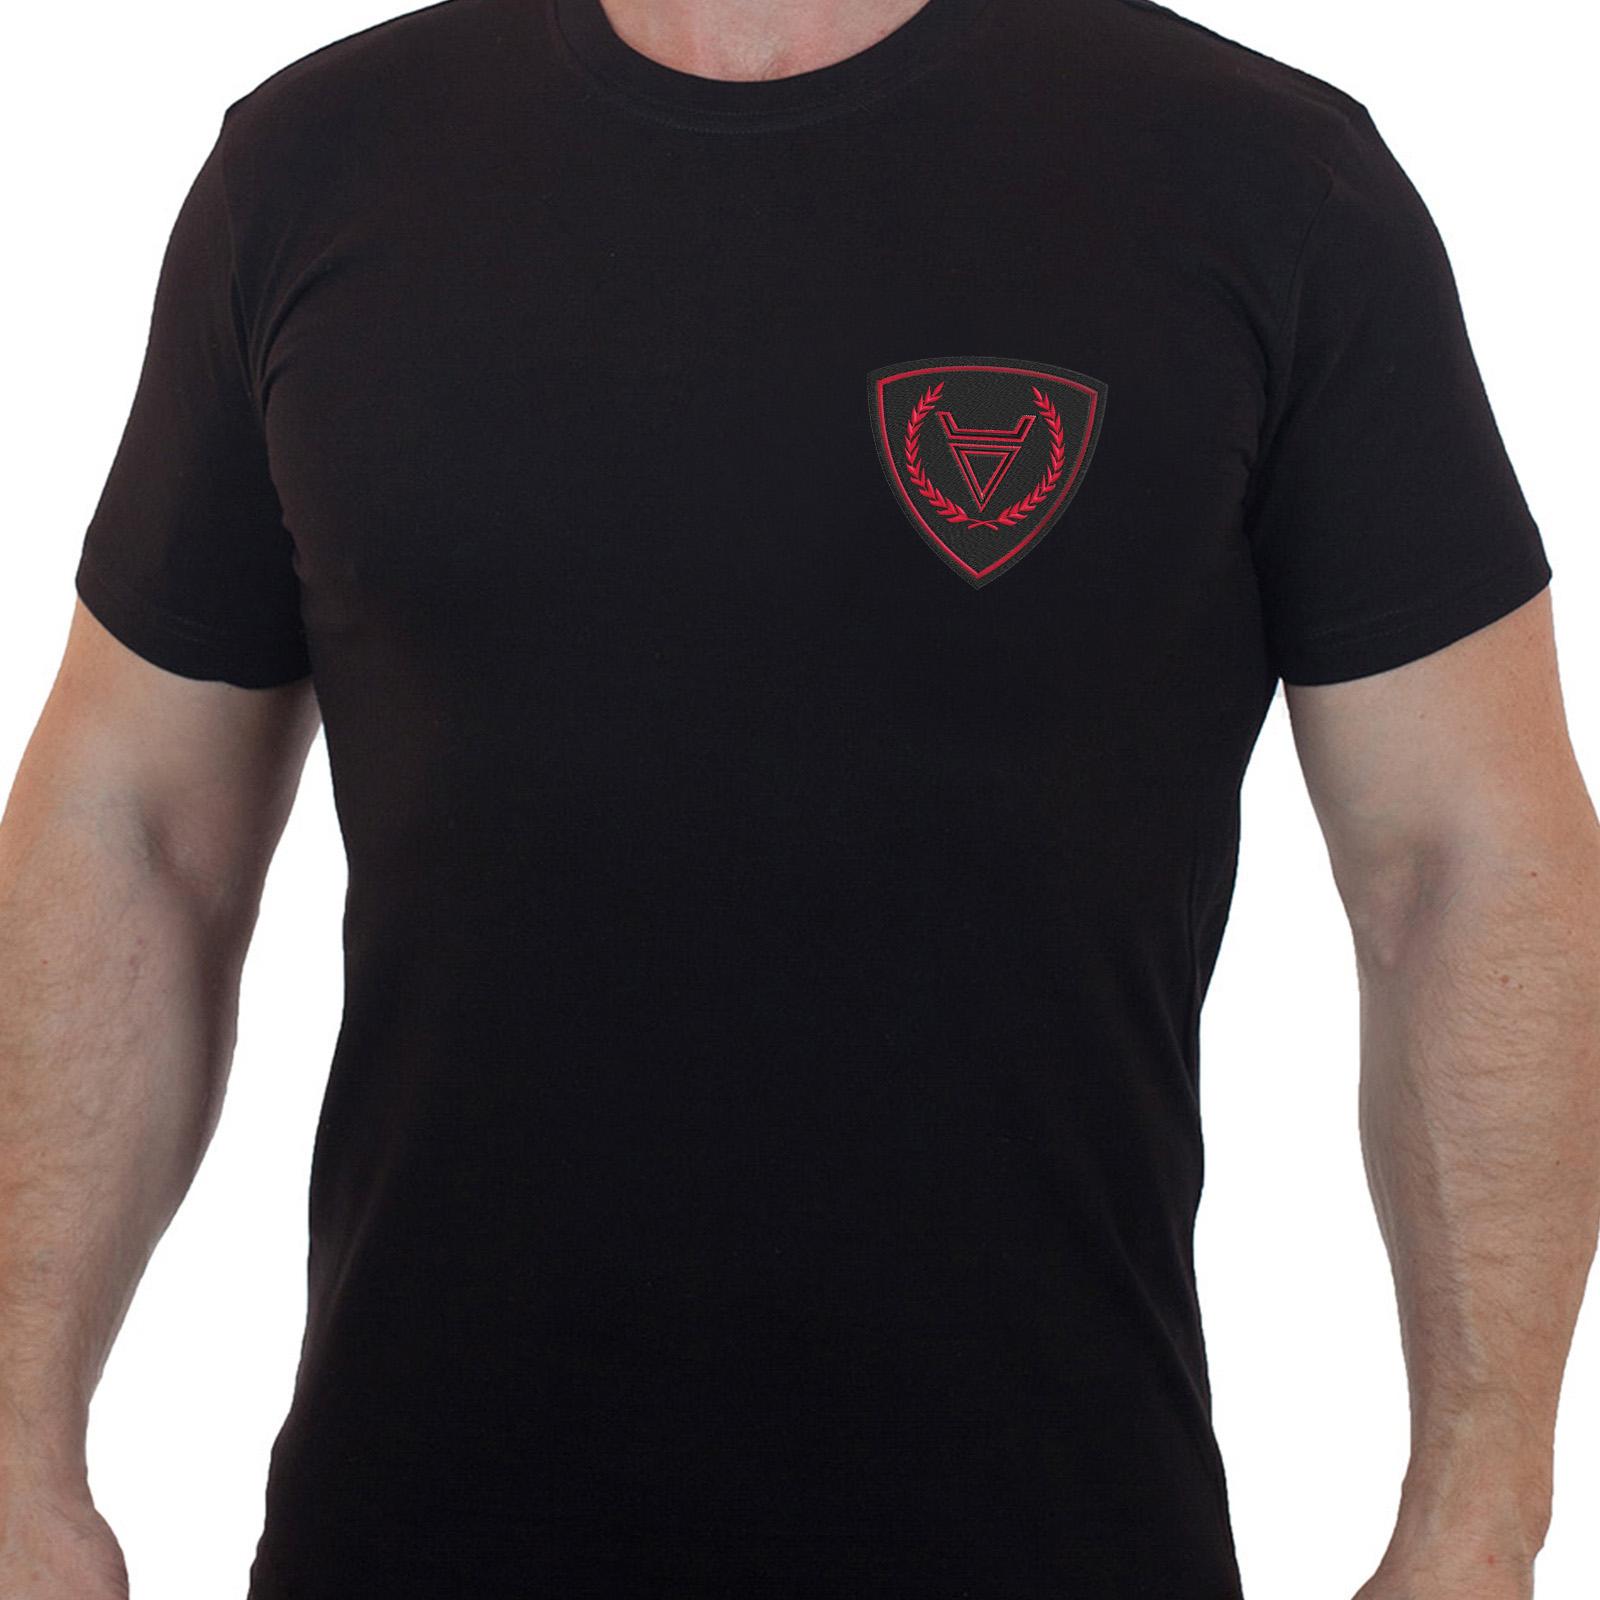 Строгая черная футболка с вышитым шевроном Бога Велес